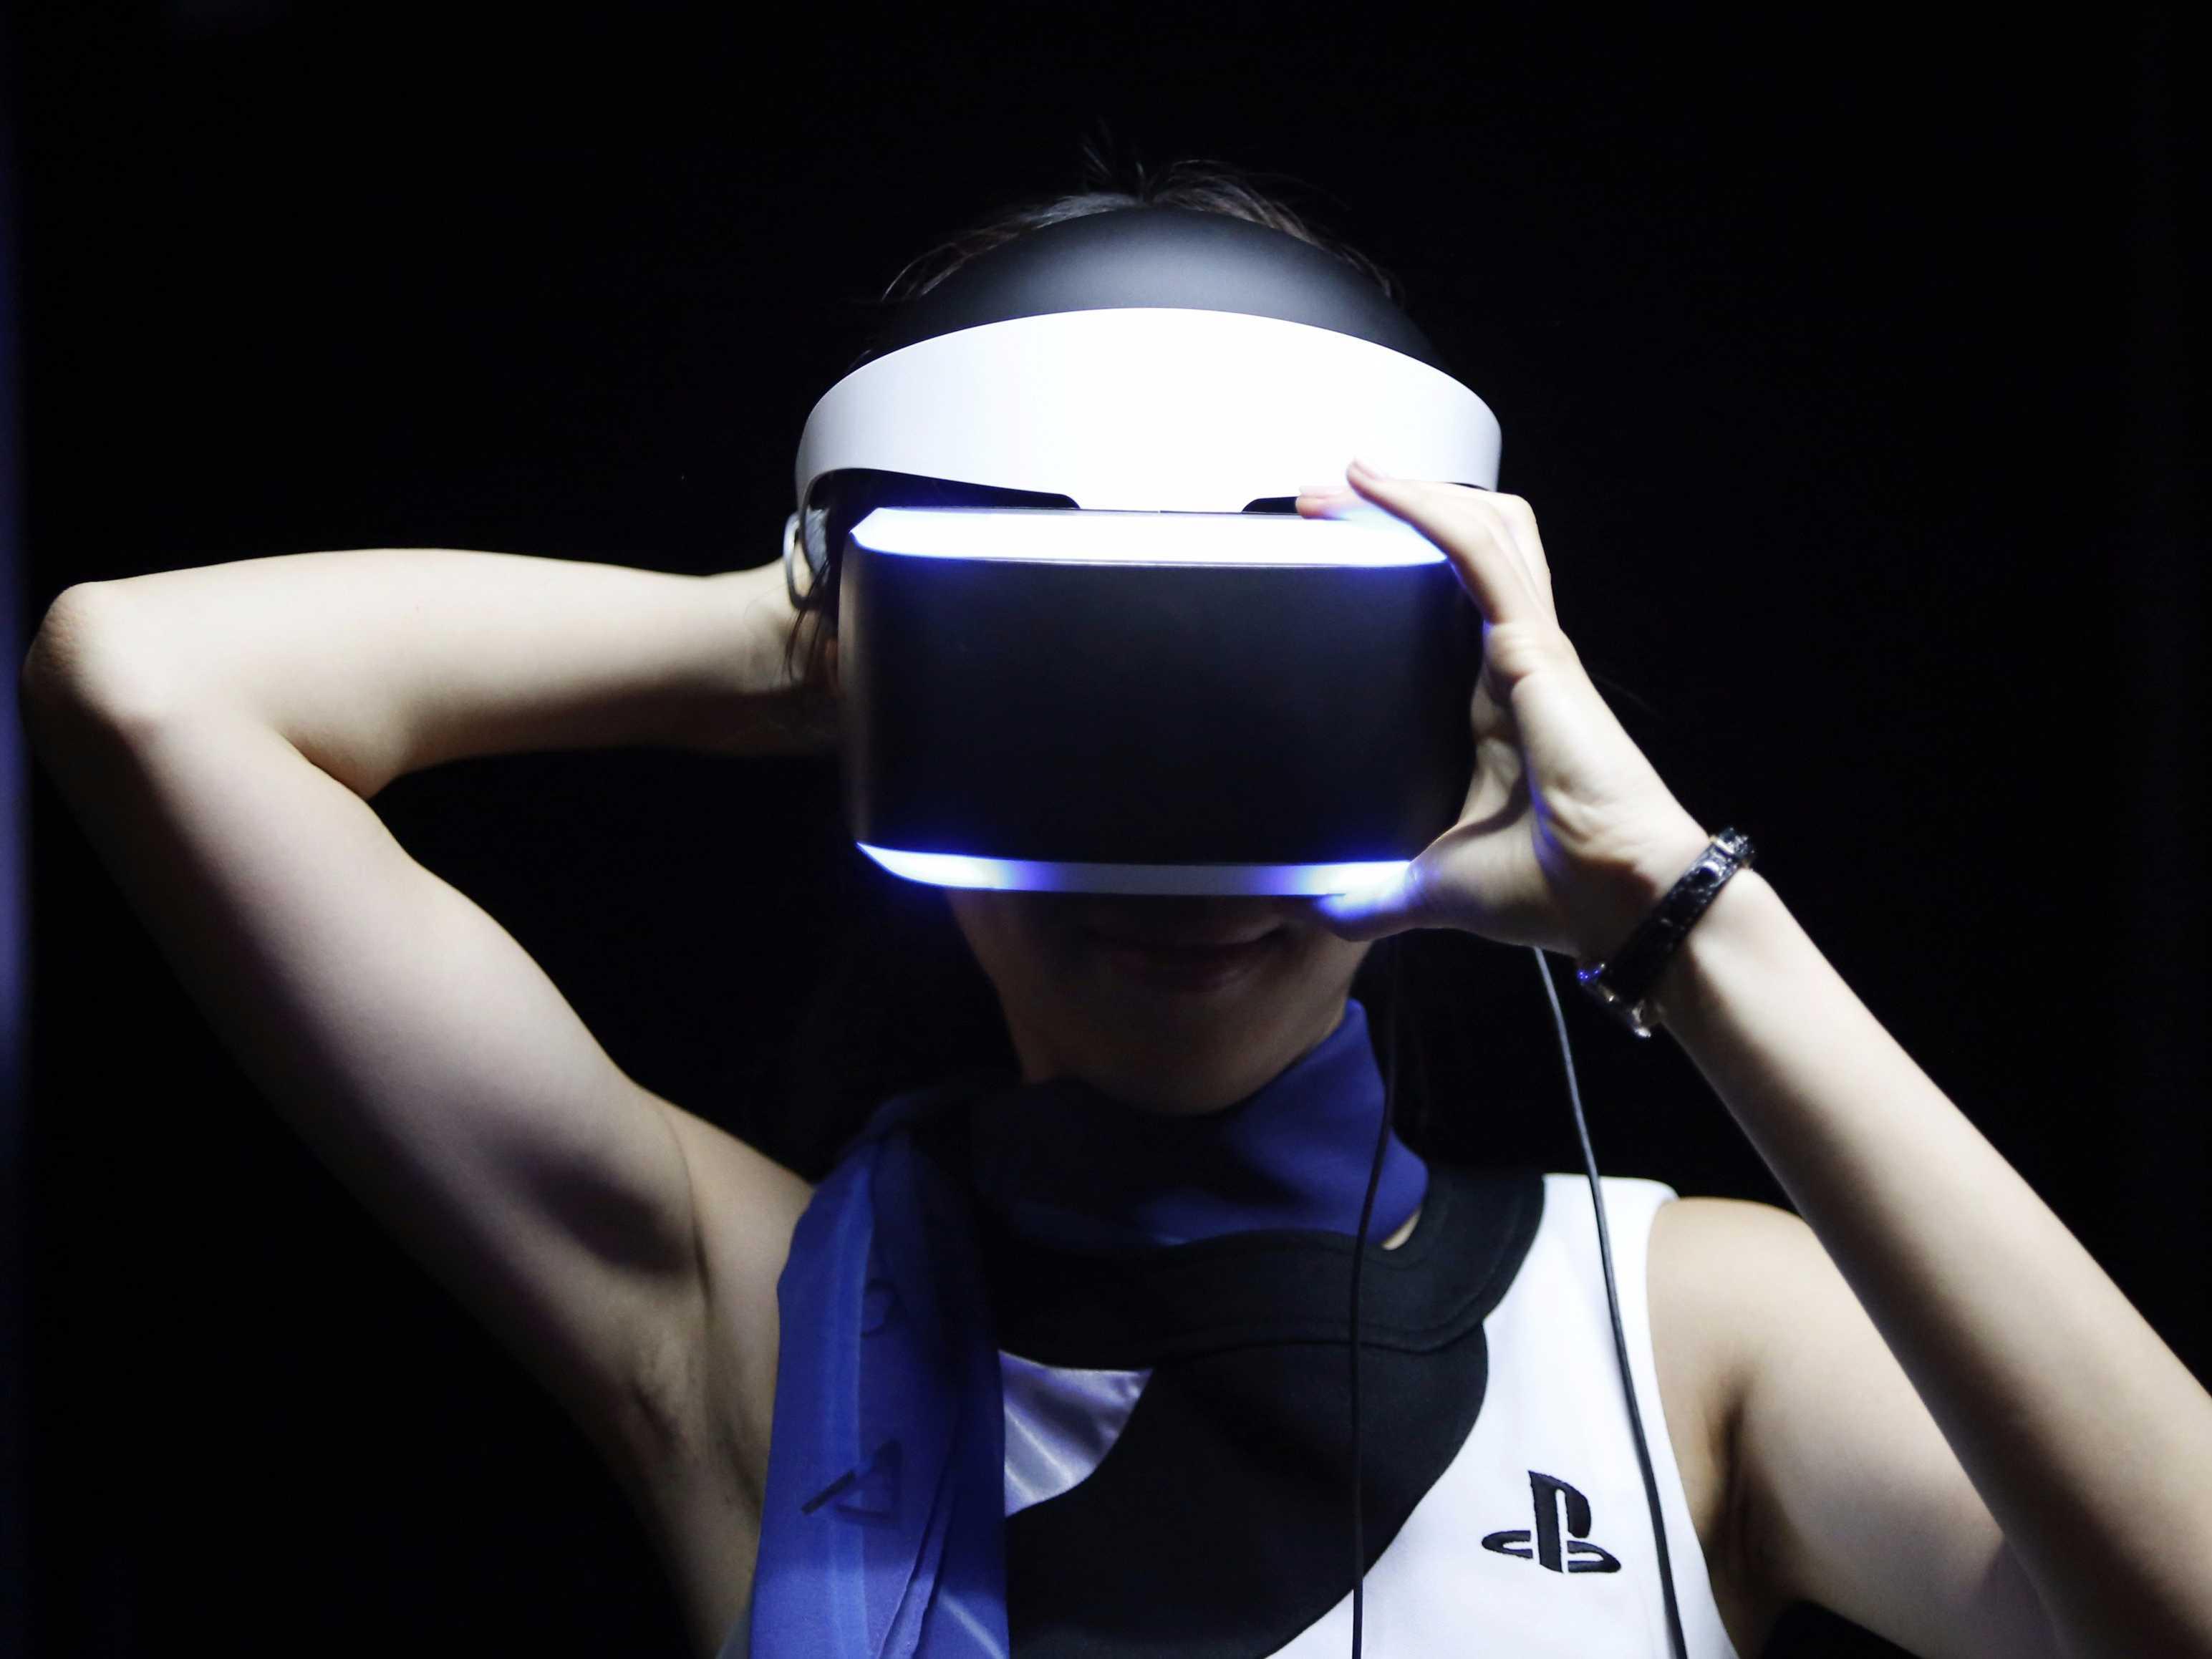 Réalité virtuelle, premier plongeon : partir, ne plus vouloir revenir